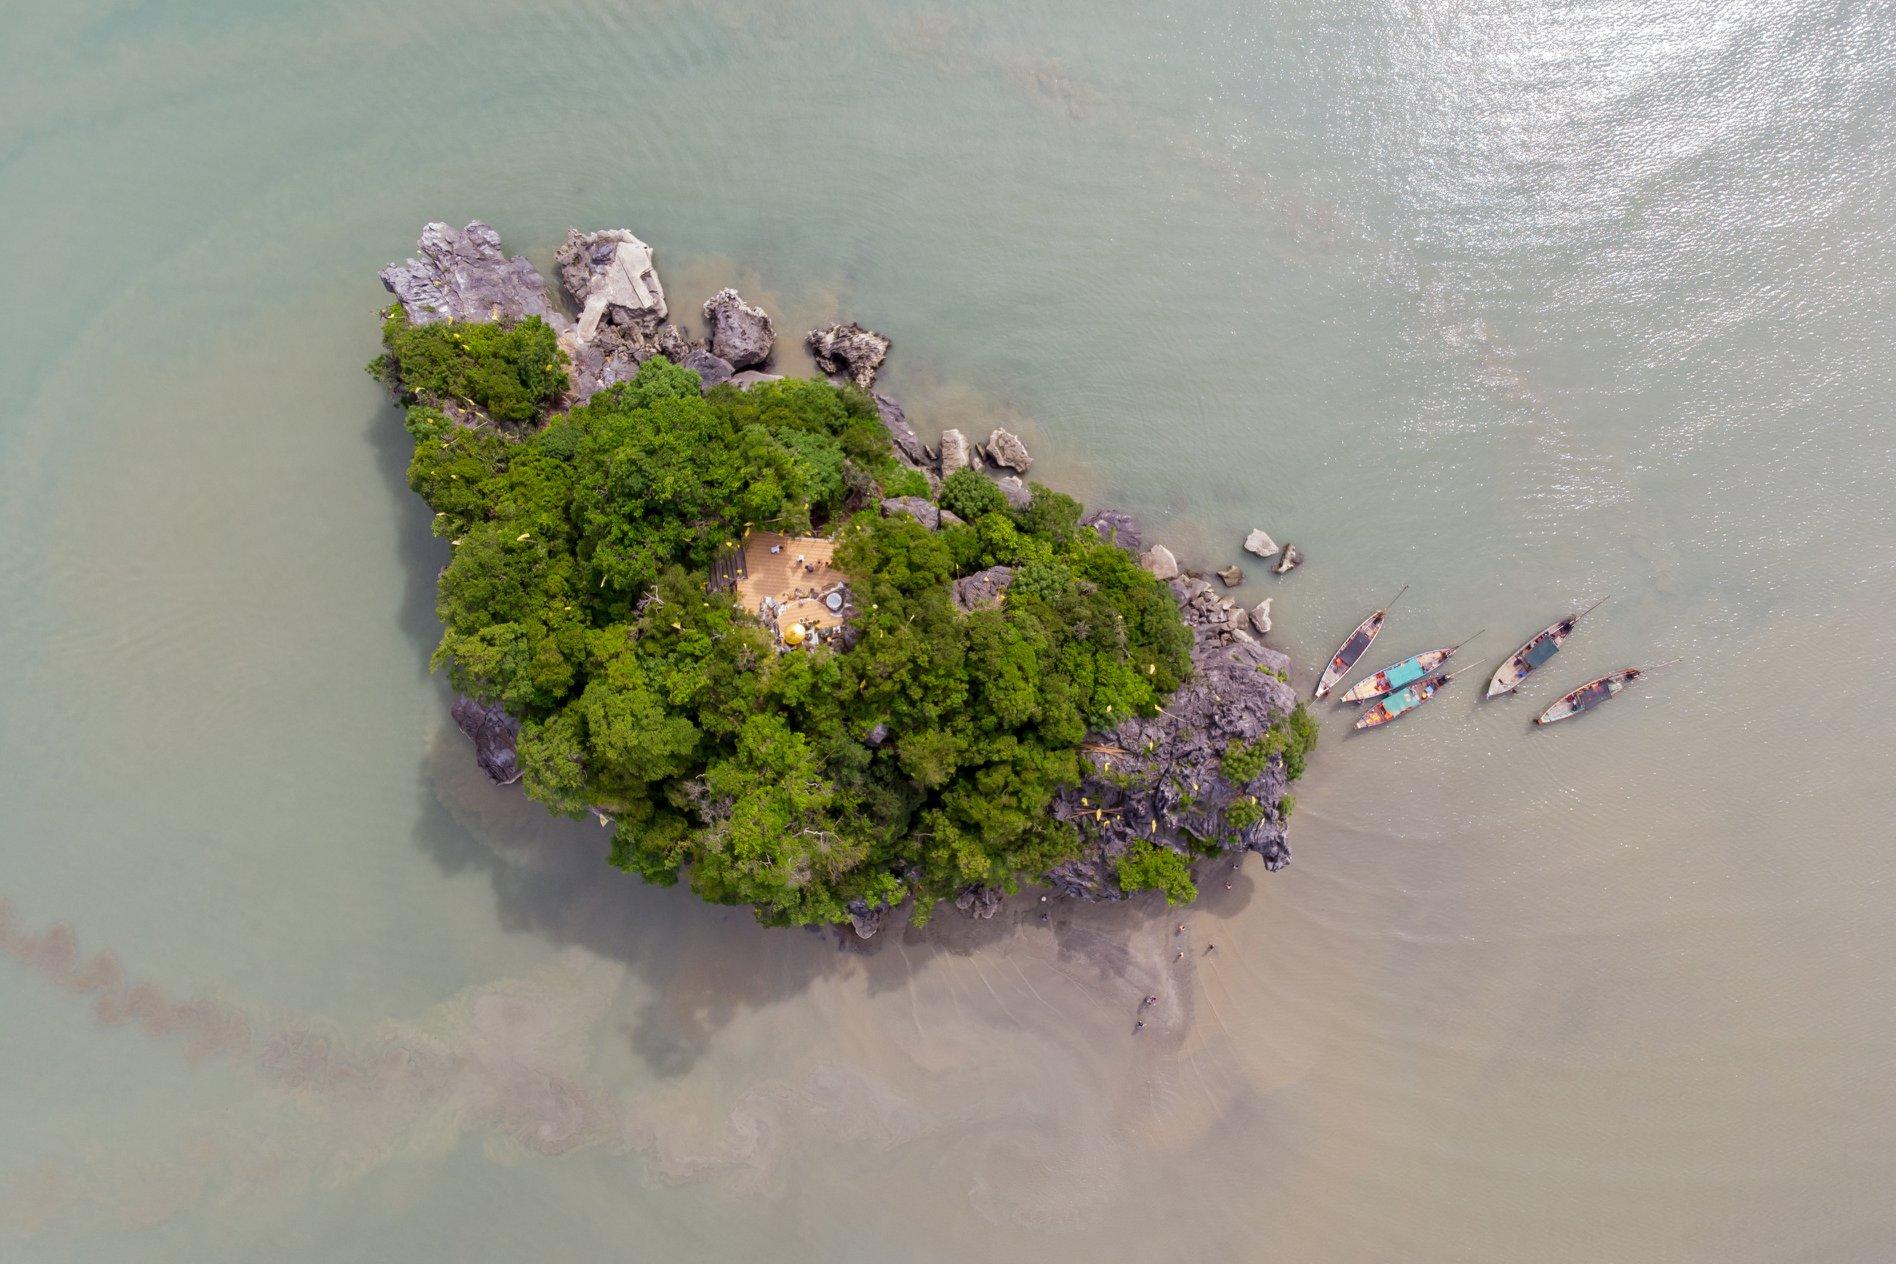 1.-เกาะนุ้ยนอก-ขนอม-นครศรีธรรมราช นครศรี,พัทลุง,ที่เที่ยว,ทะเลหมอก,ทะเล,ธรรมชาติ,น้ำตก